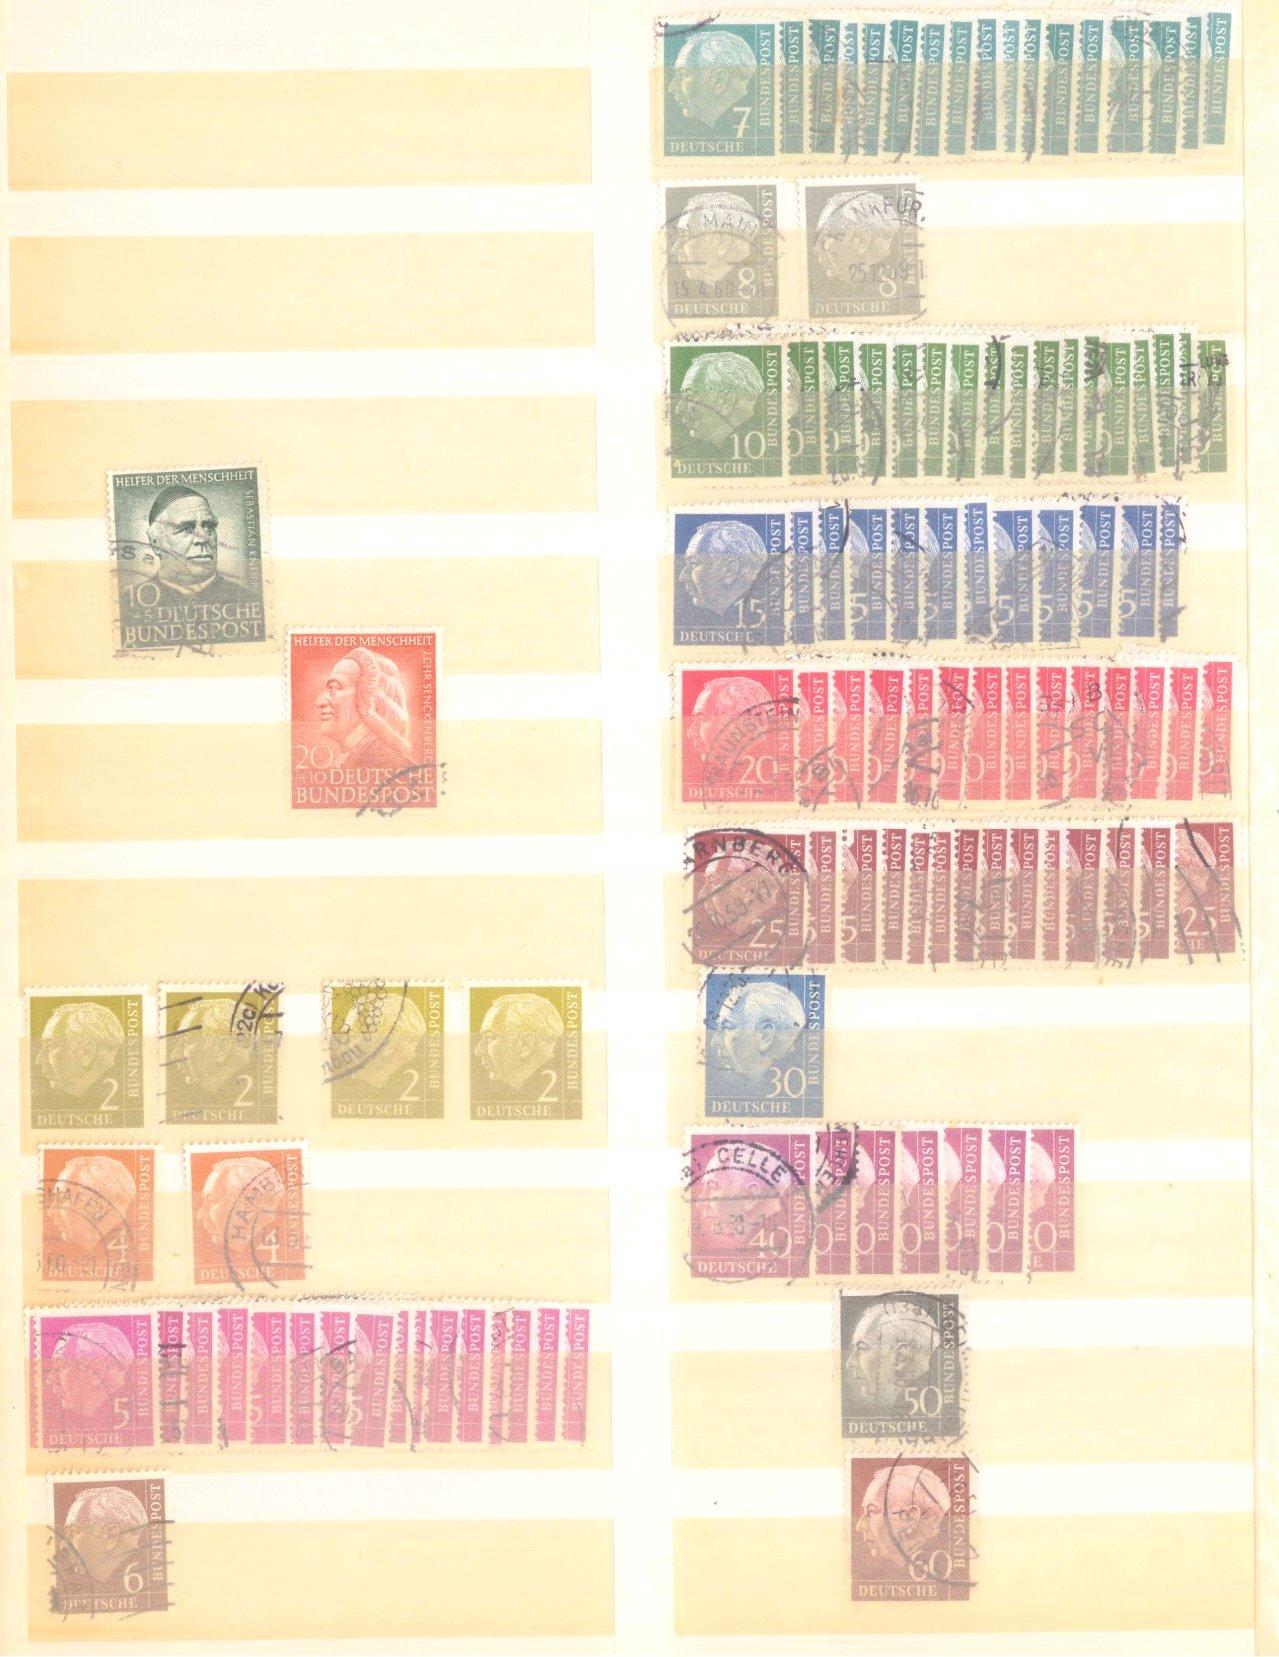 Mannheimer Briefmarkennachlass-12